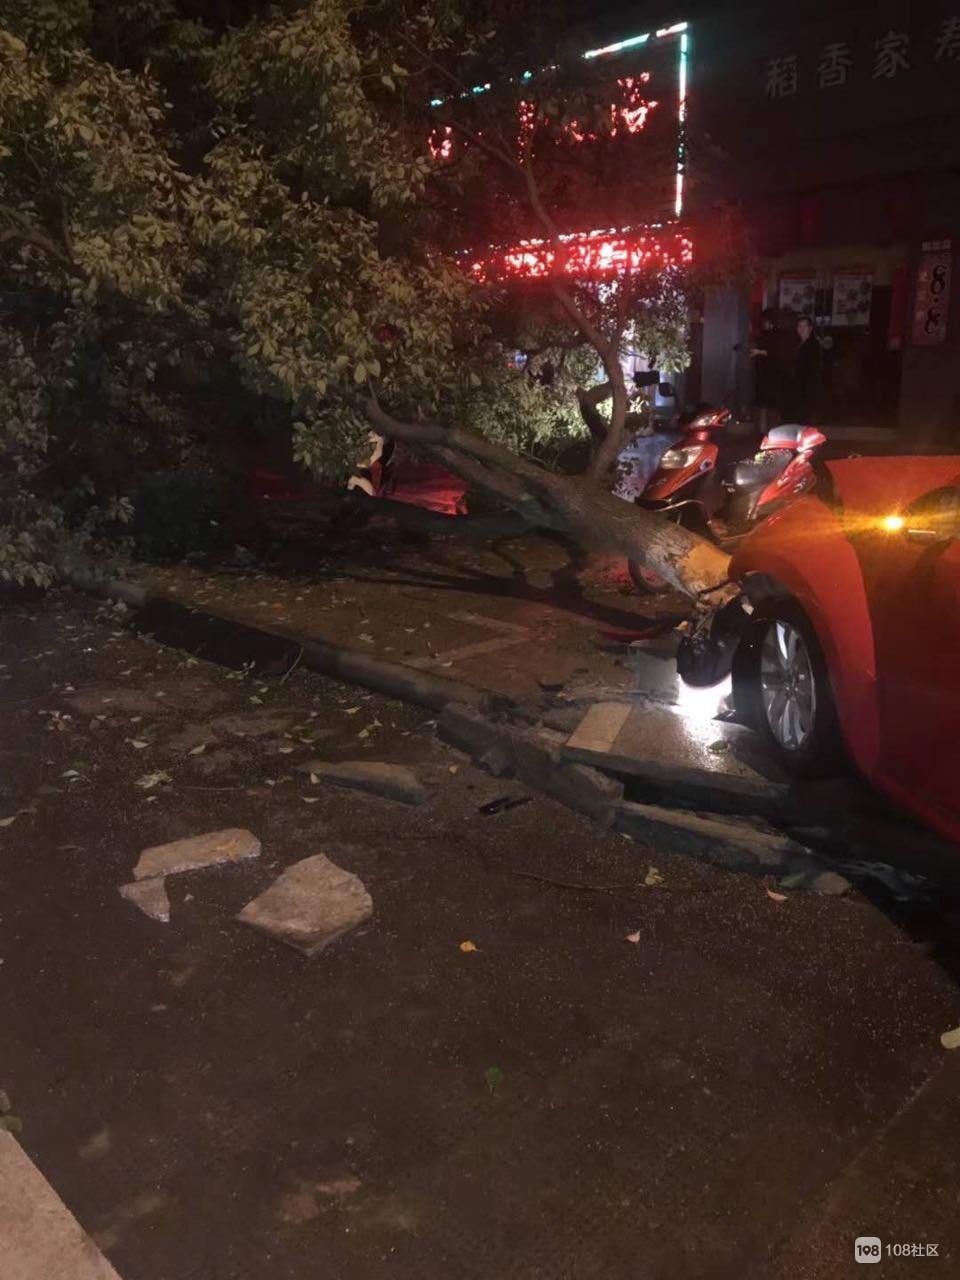 岱山一女司机开车撞倒大树  吓得连连尖叫!